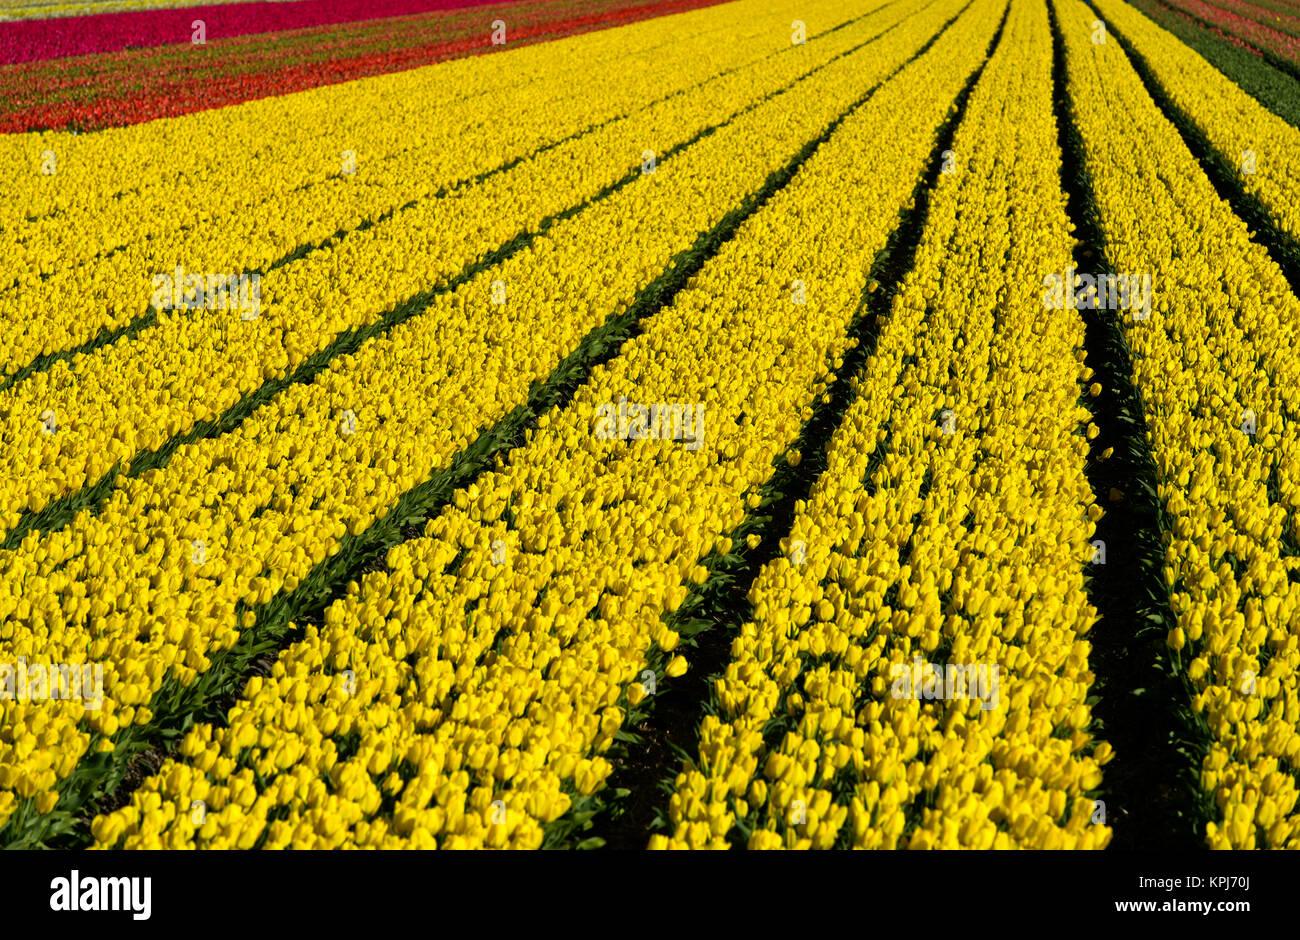 Fiori Gialli Varieta.Campo Di Tulipani Gialli Giallo Purissima Varieta Produzione Di